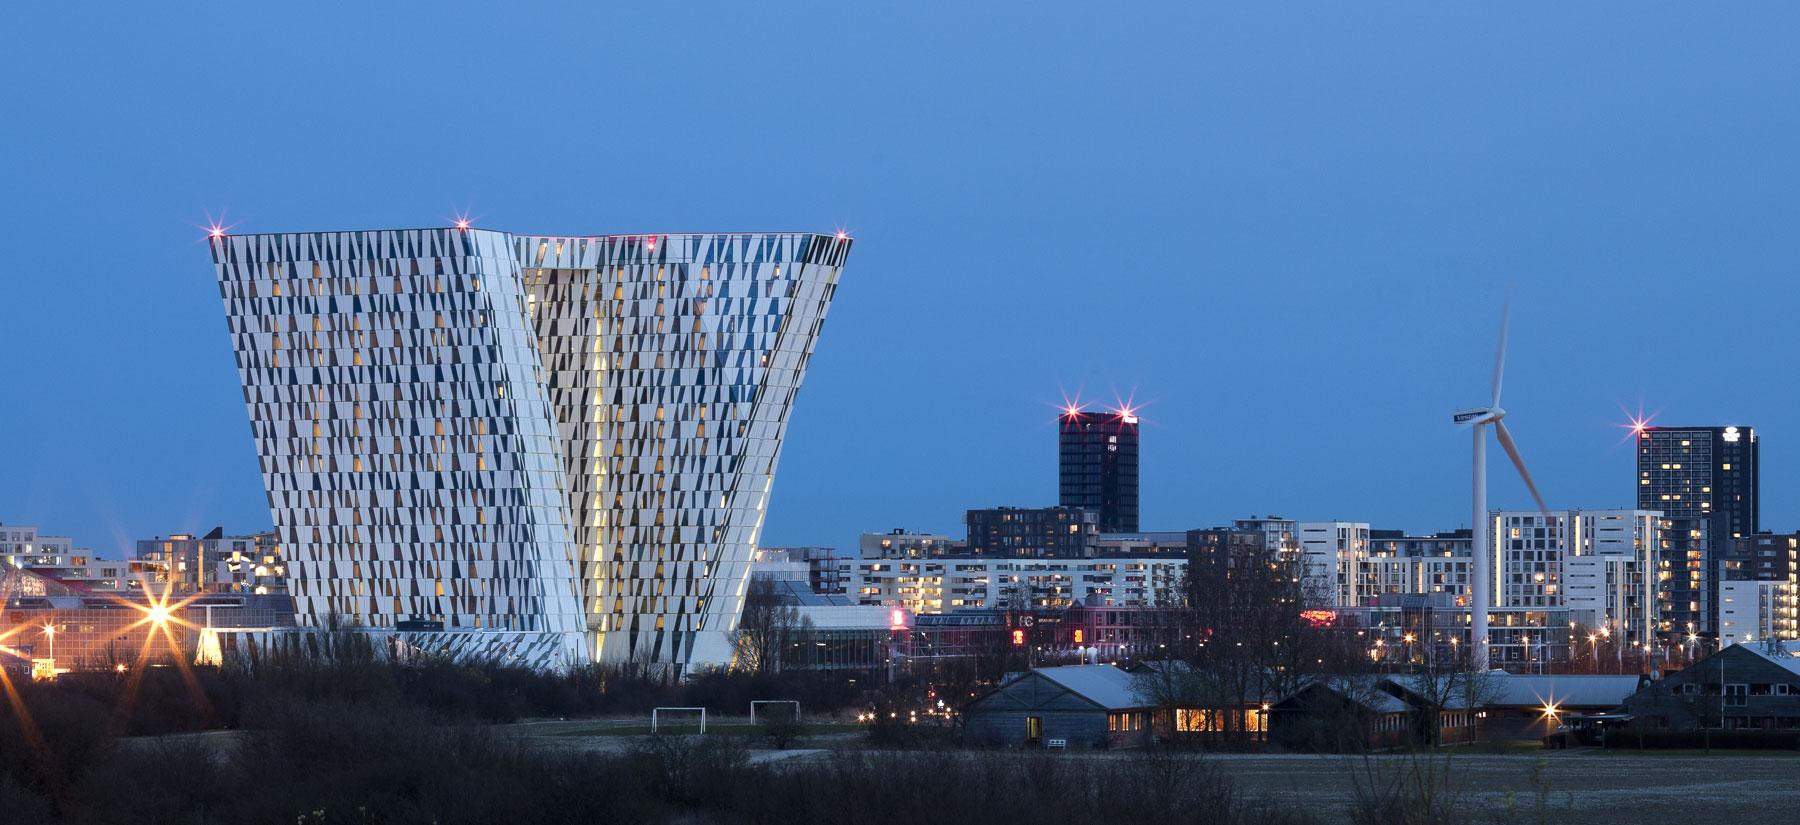 Også danske hoteller er udfordret af seksdages-reglen, der kræver, at udenlandske turister køber mindst seks overnatninger for at komme ind i Danmark. Her arkivfoto med Danmarks største hotel, AC Bella Sky ved Bella Center. Arkivpressefoto: BC Hospitality Group.